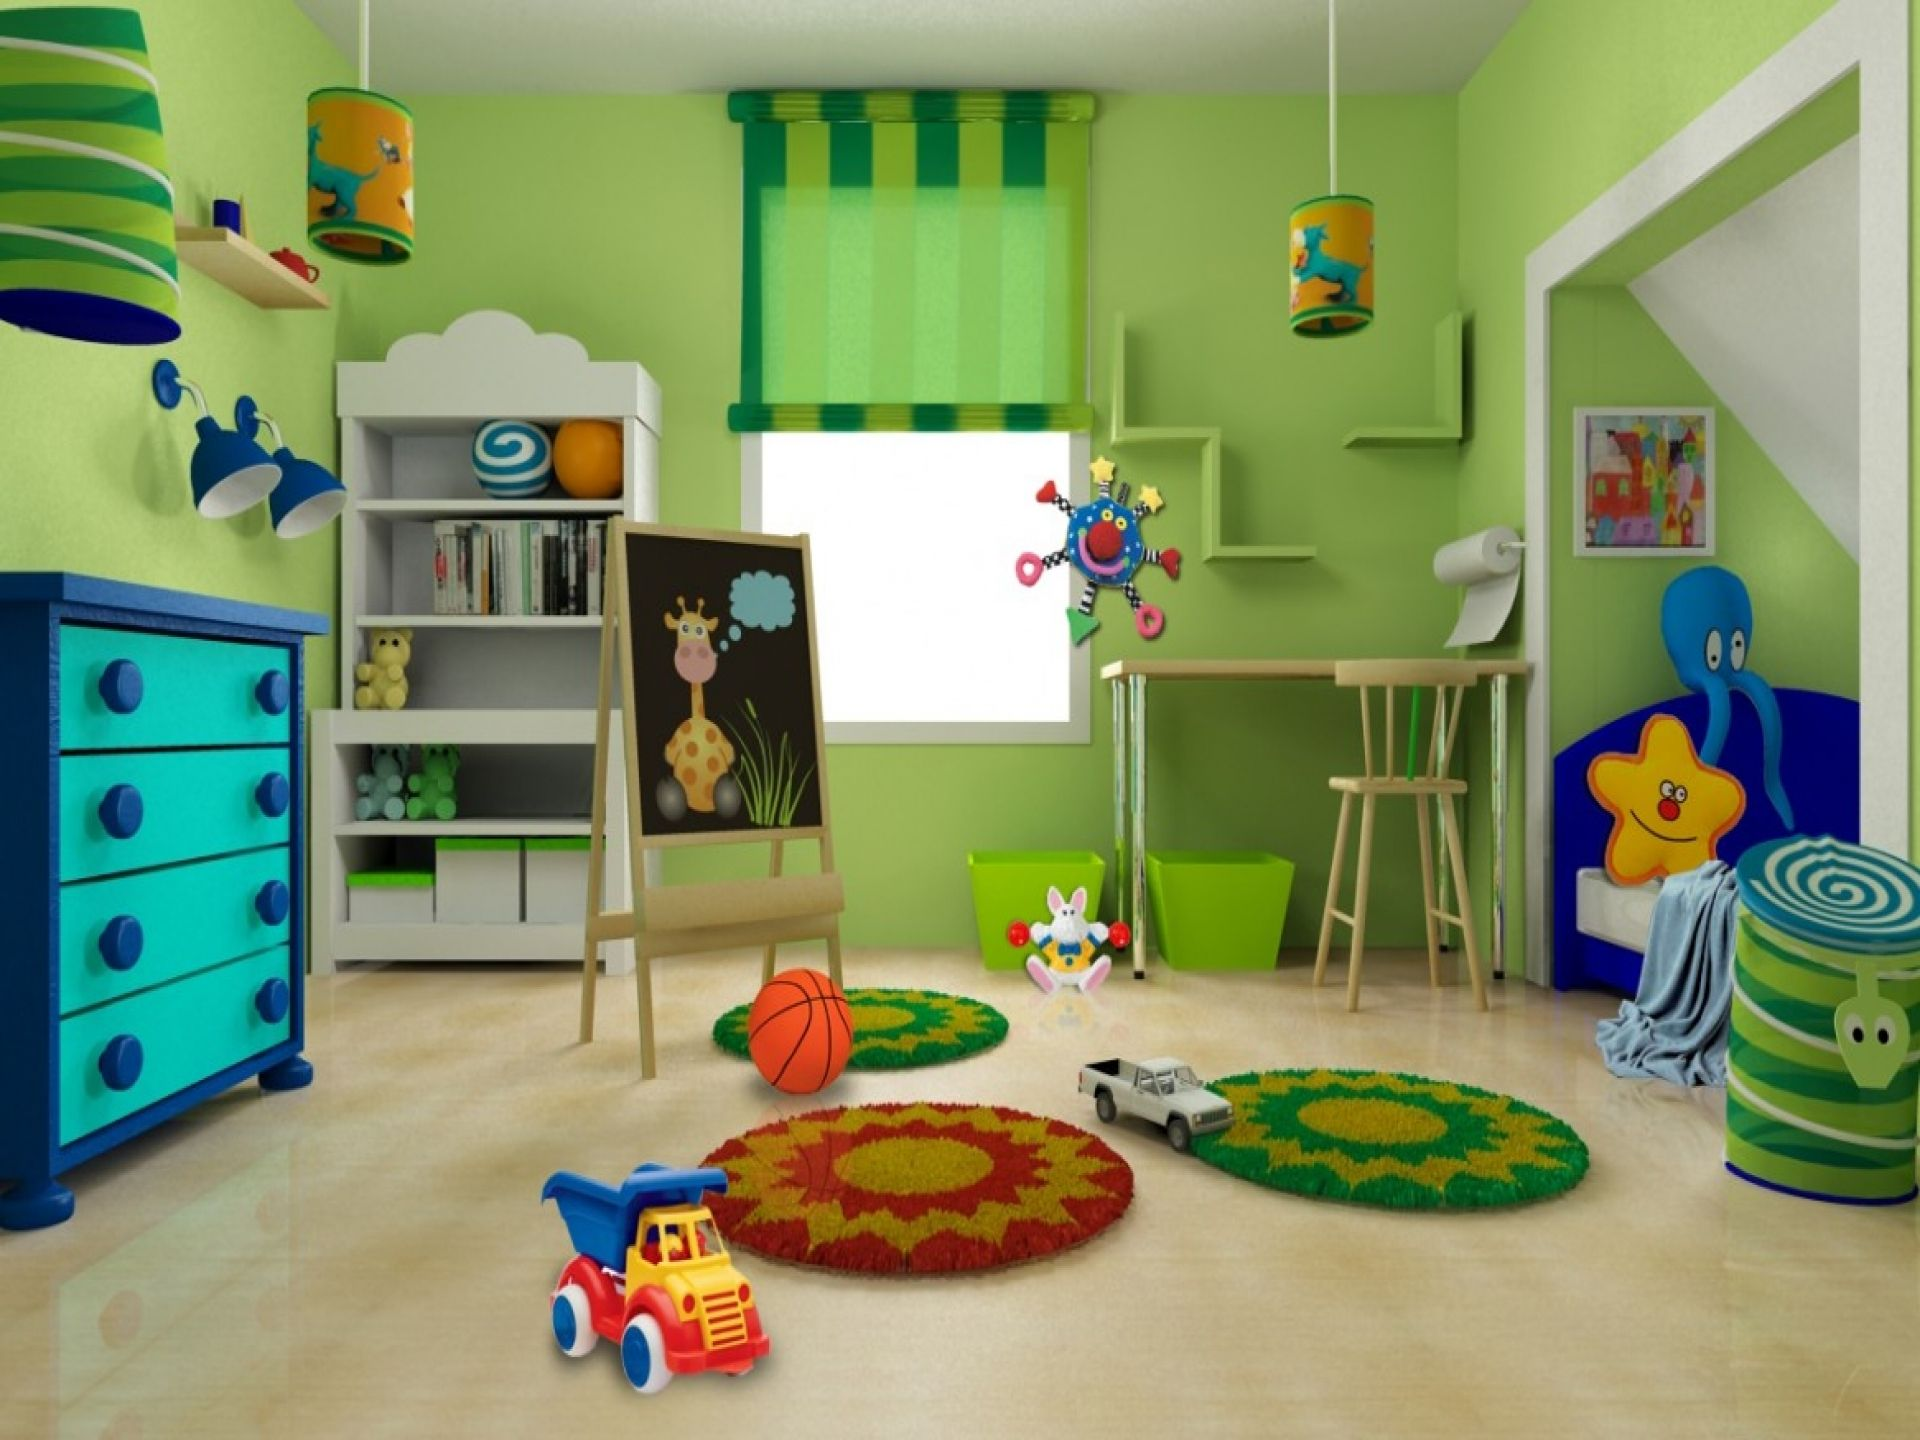 Kinderzimmer gestalten Ideen für ein schickes und